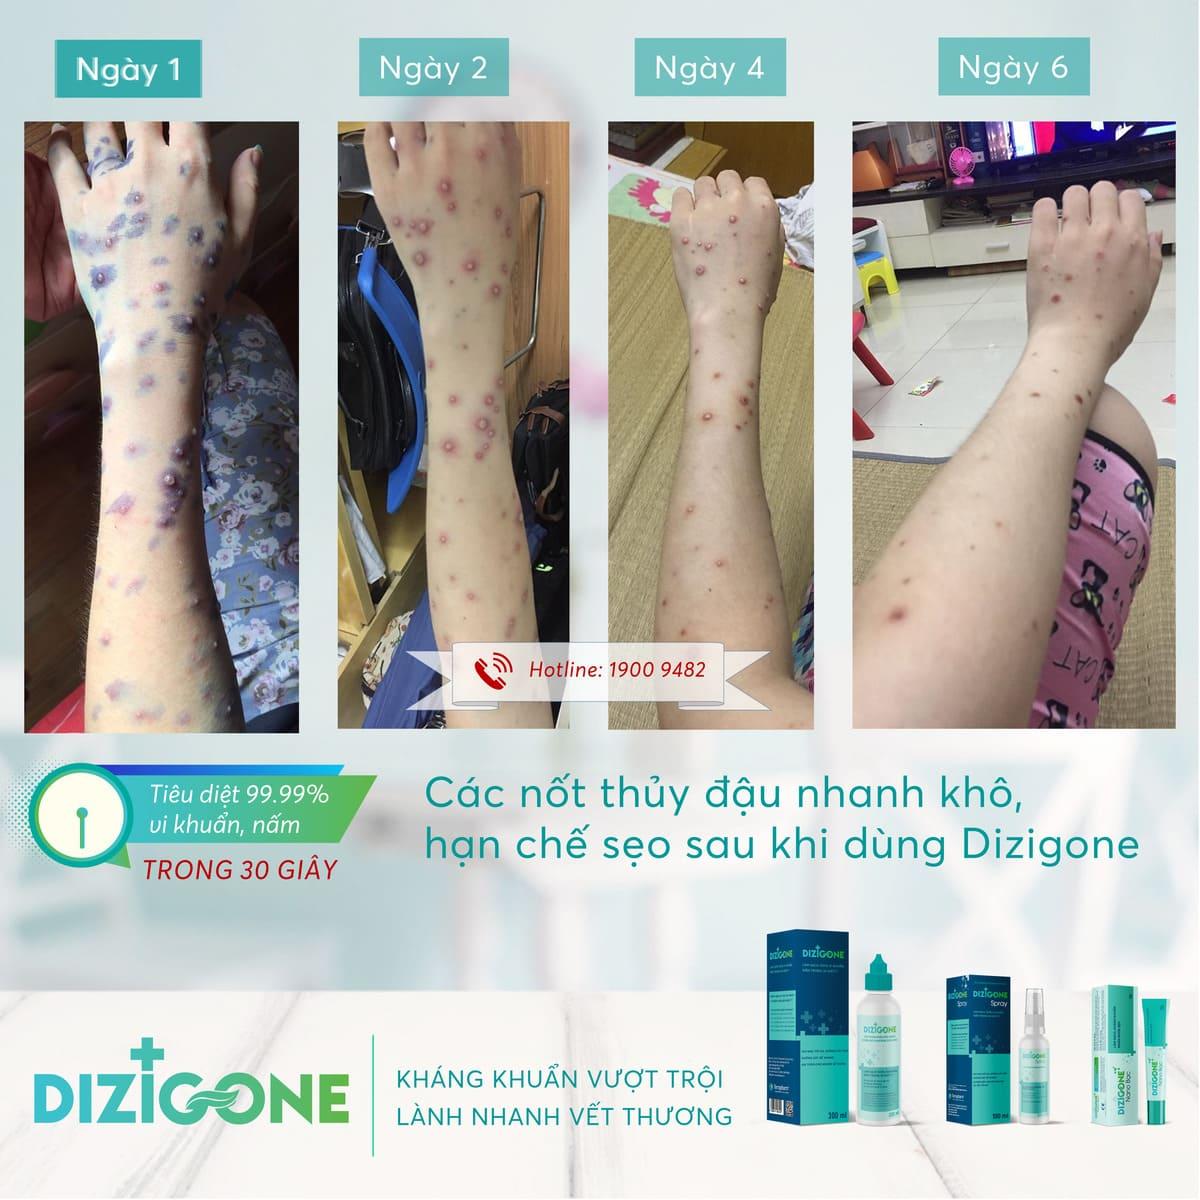 Dizigone - nhanh lành thủy đậu, không sẹo, không xót, không màu